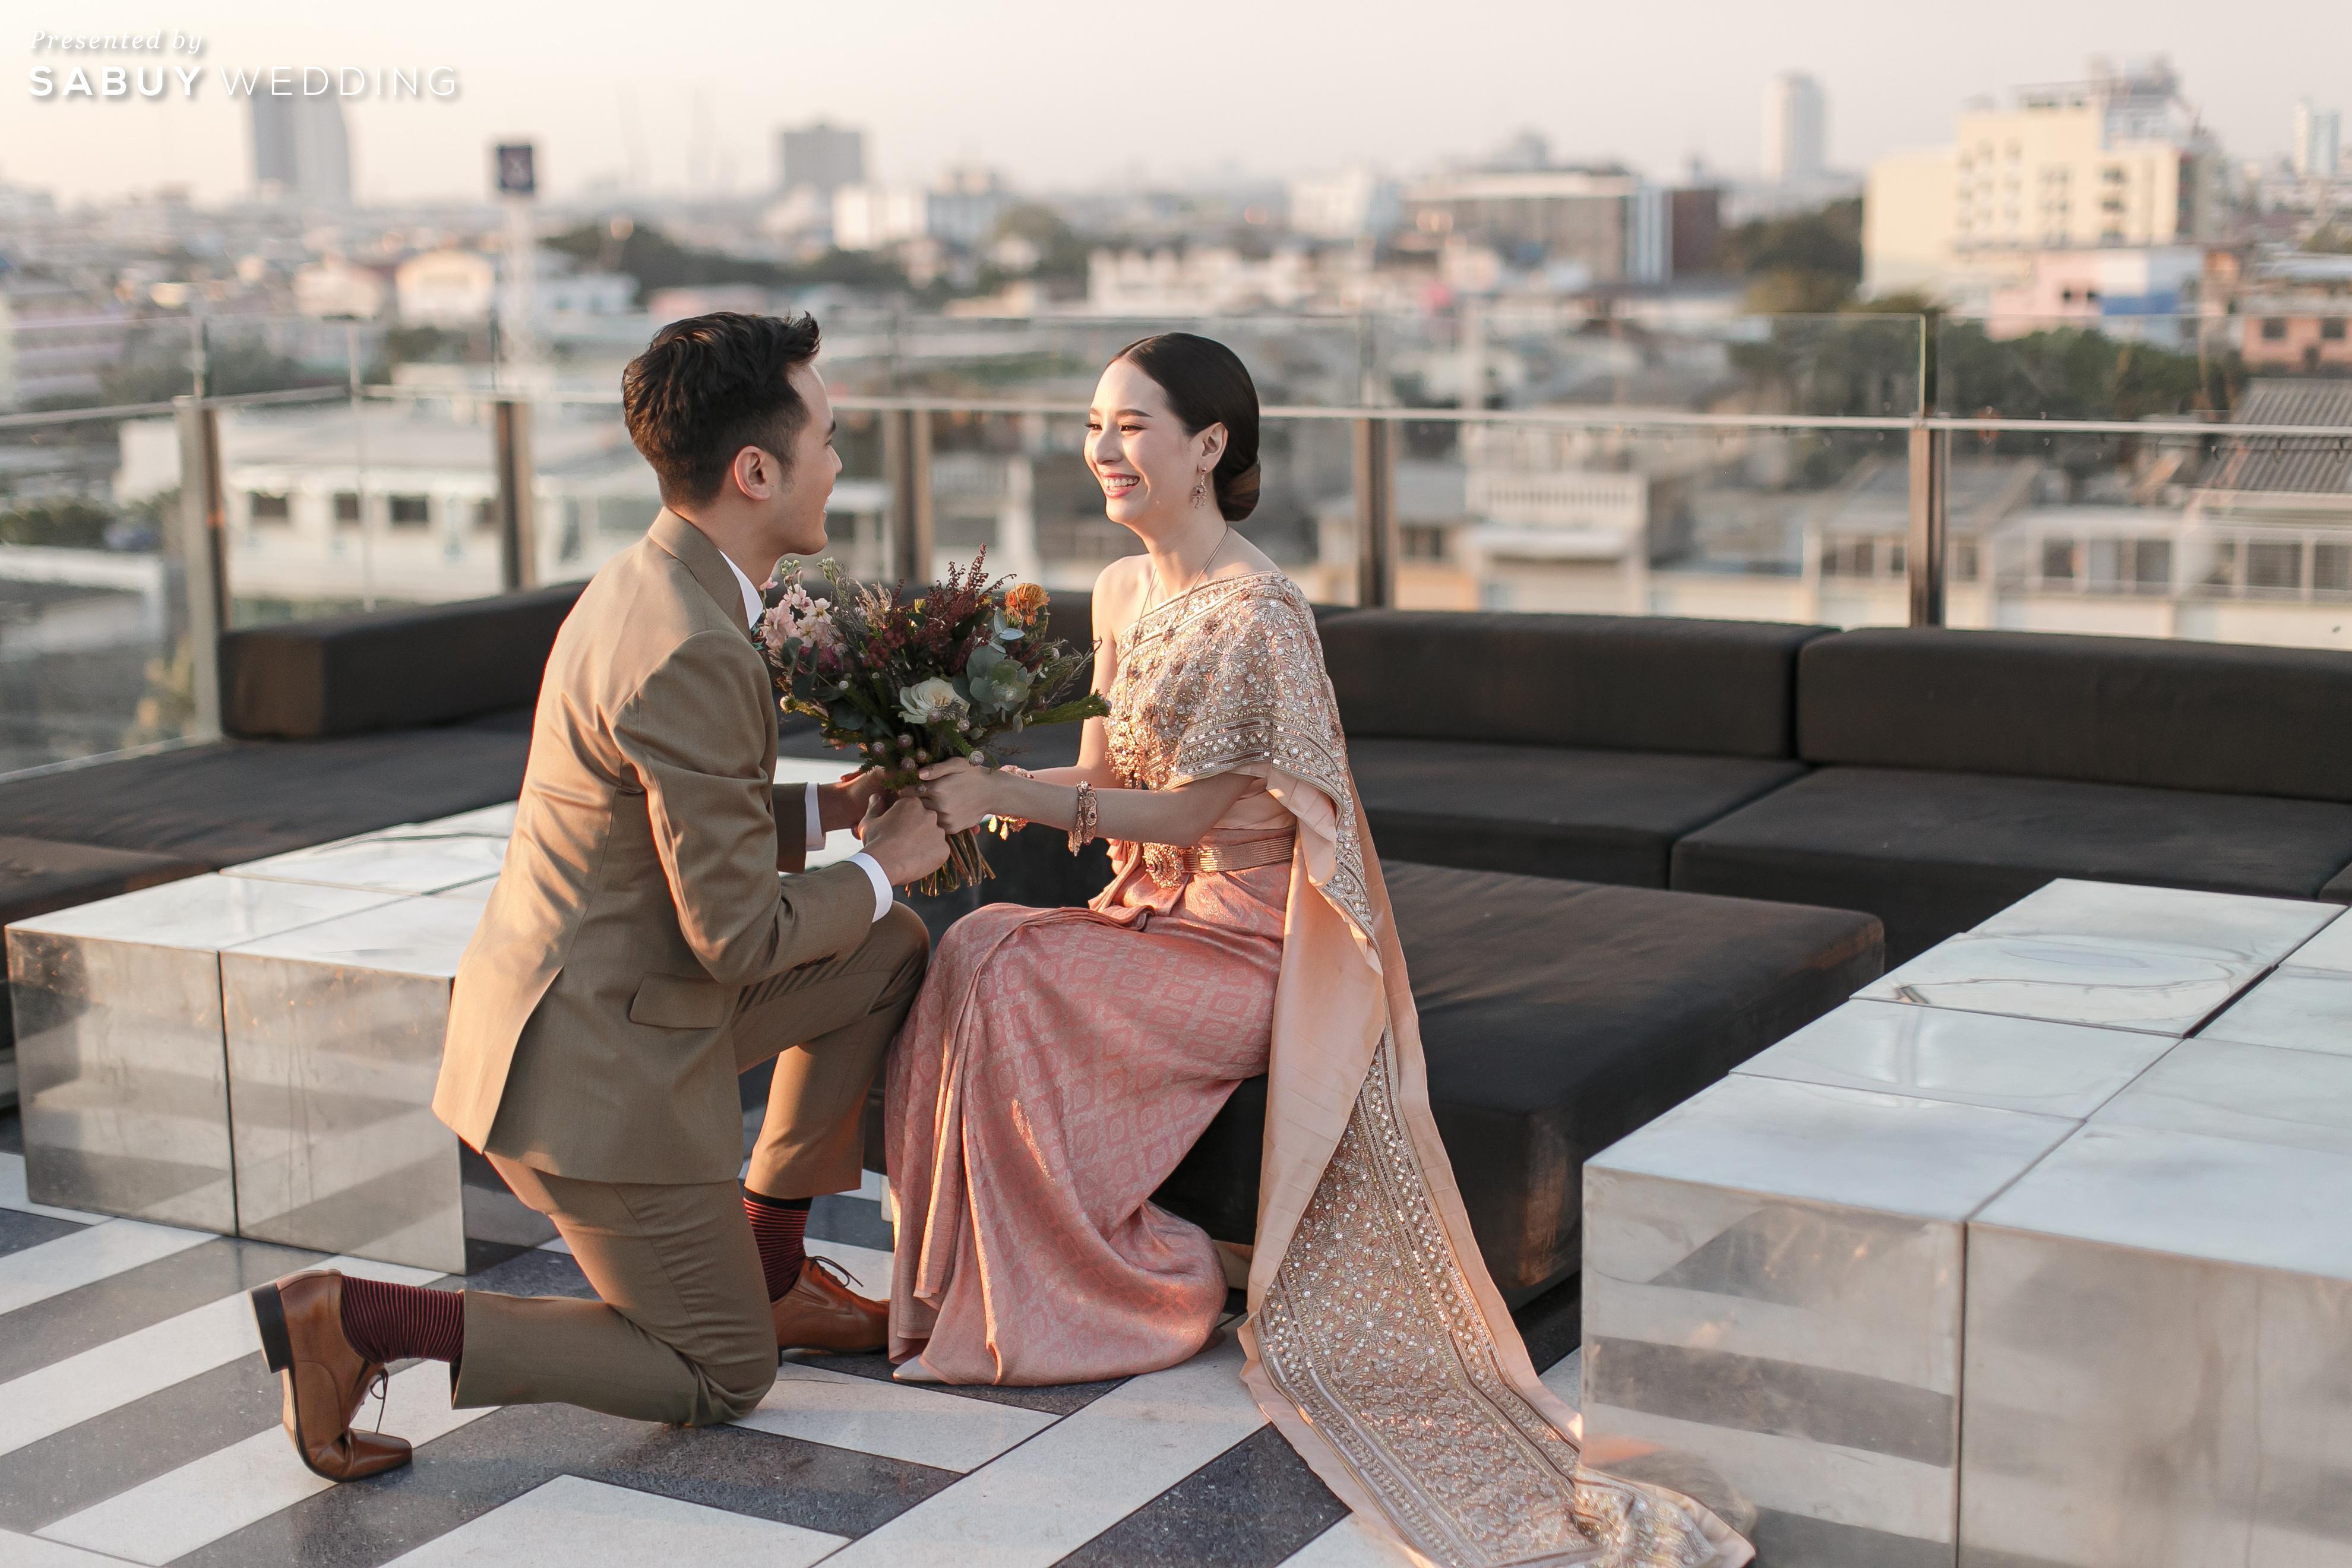 รีวิวงานแต่งอบอุ่นสไตล์ Tropical ปาร์ตี้สนุกบน Rooftop @ Hotel Once Bangkok